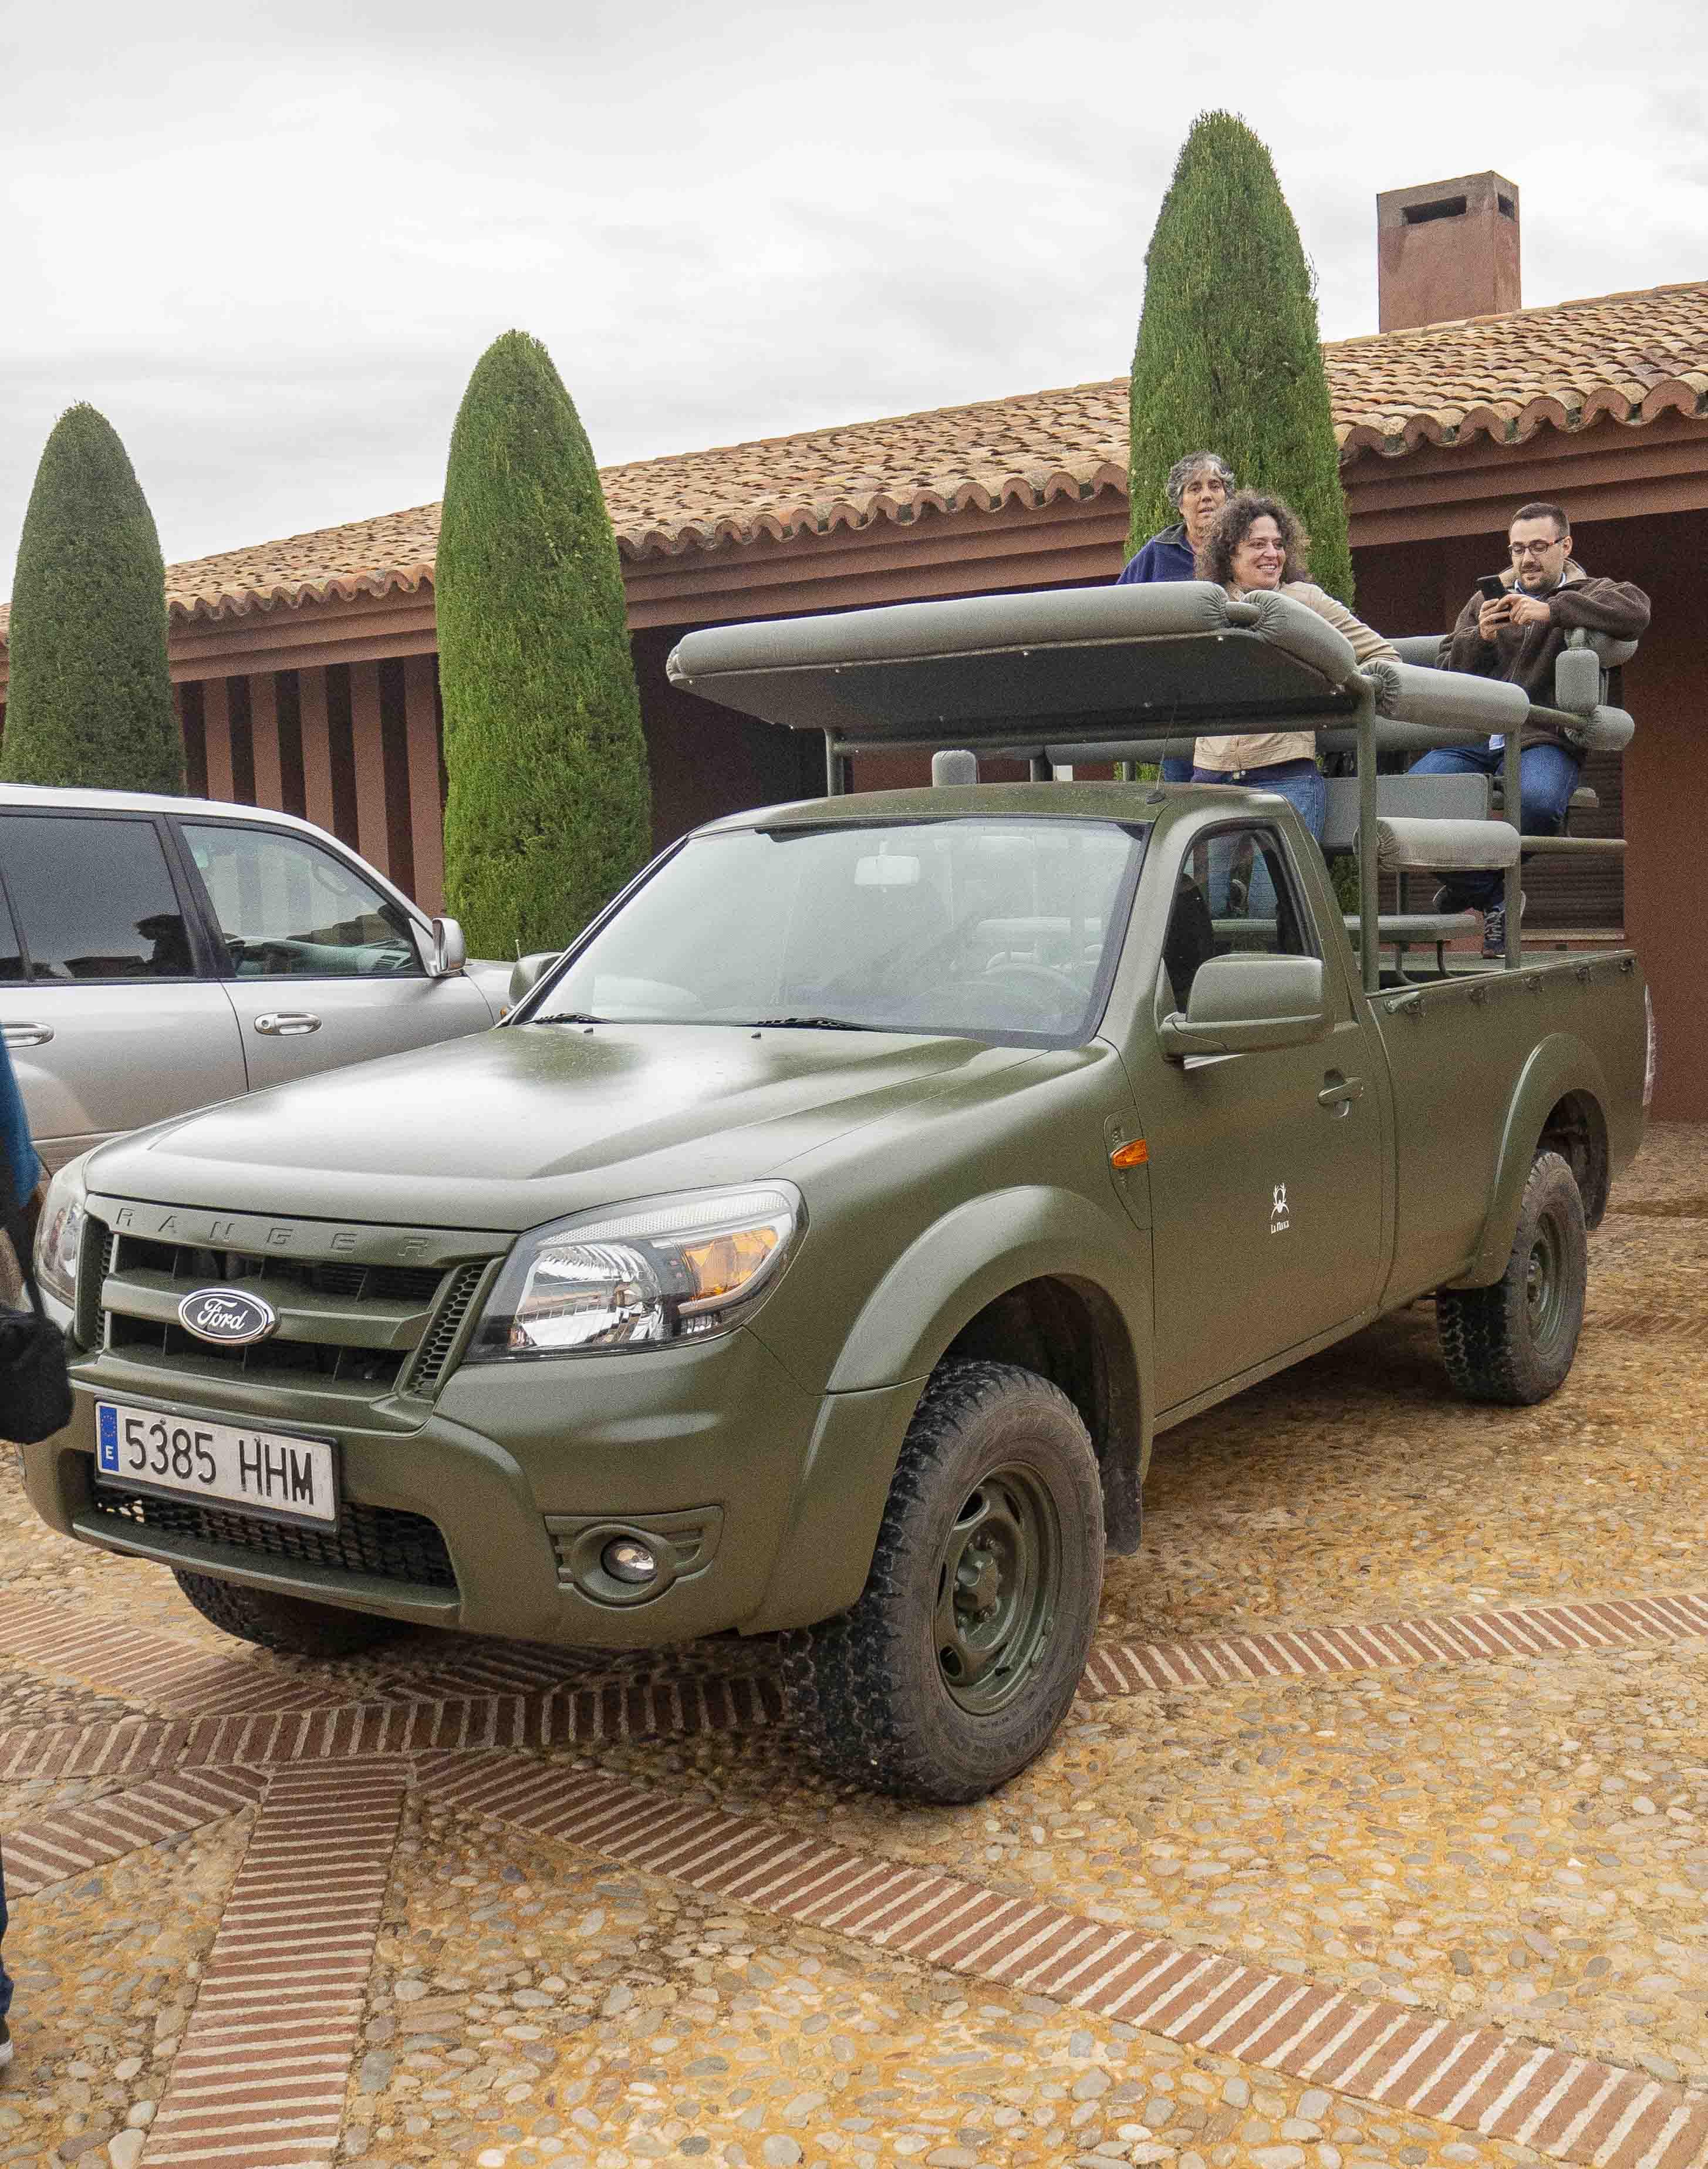 Uno de los vehículos para los safaris fotográficos al estilo de África